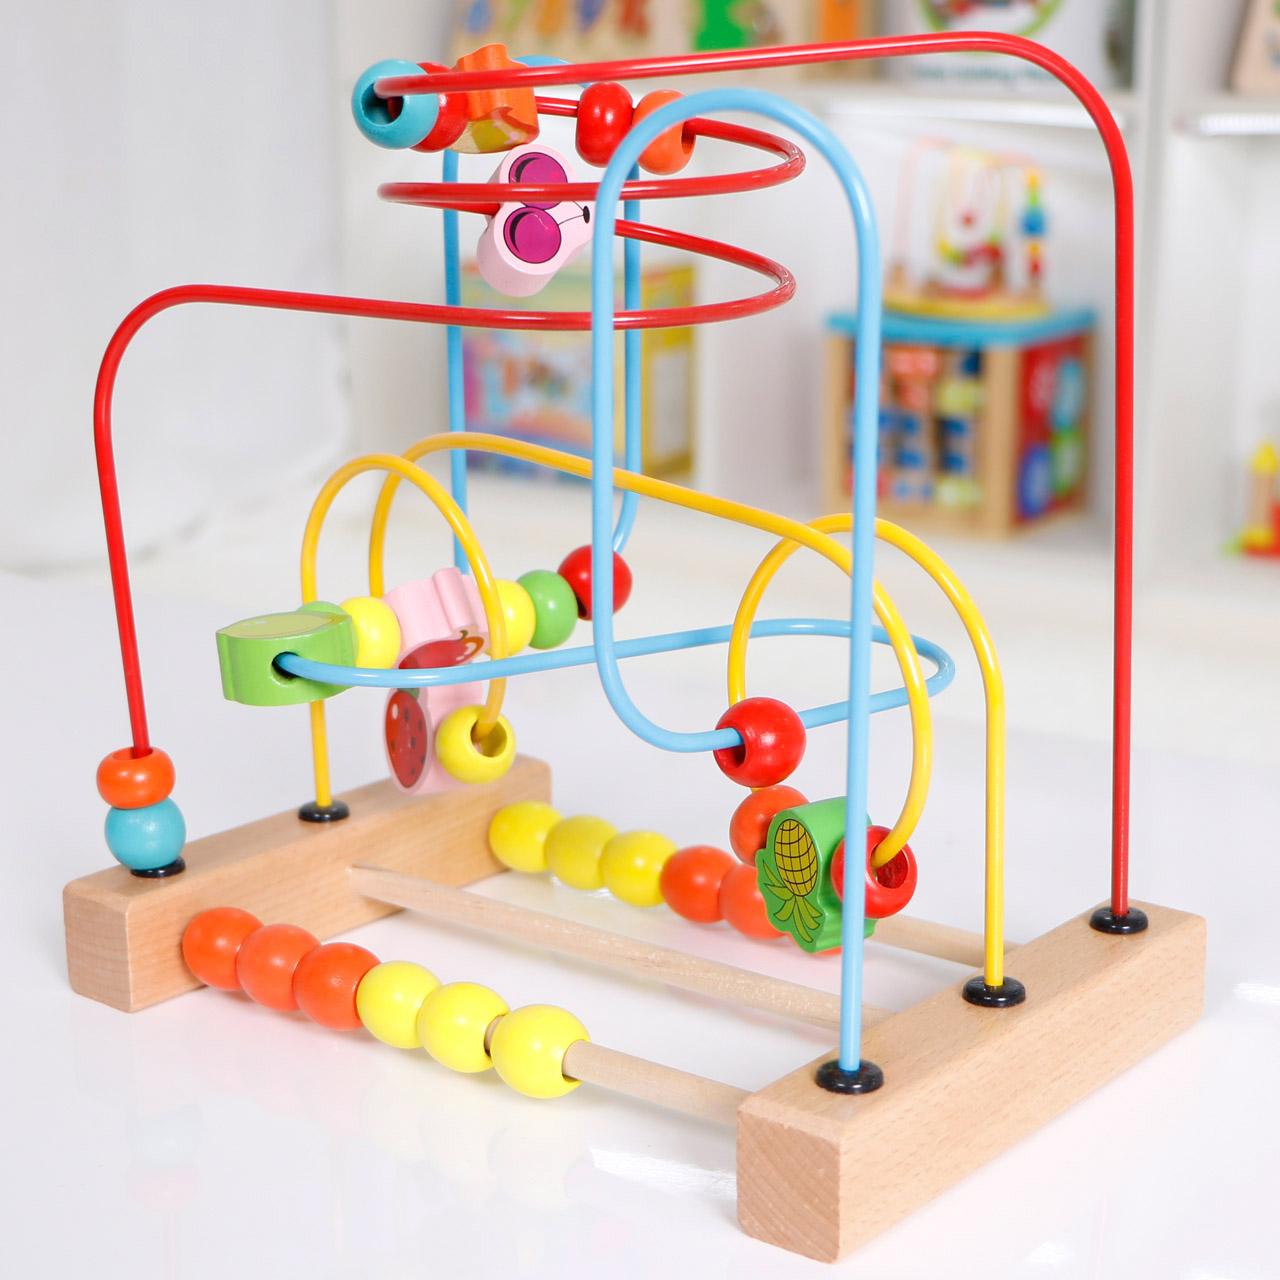 3-6-10个月0-1岁蒙氏早教益智玩具婴儿女宝宝儿童串珠绕珠穿珠子